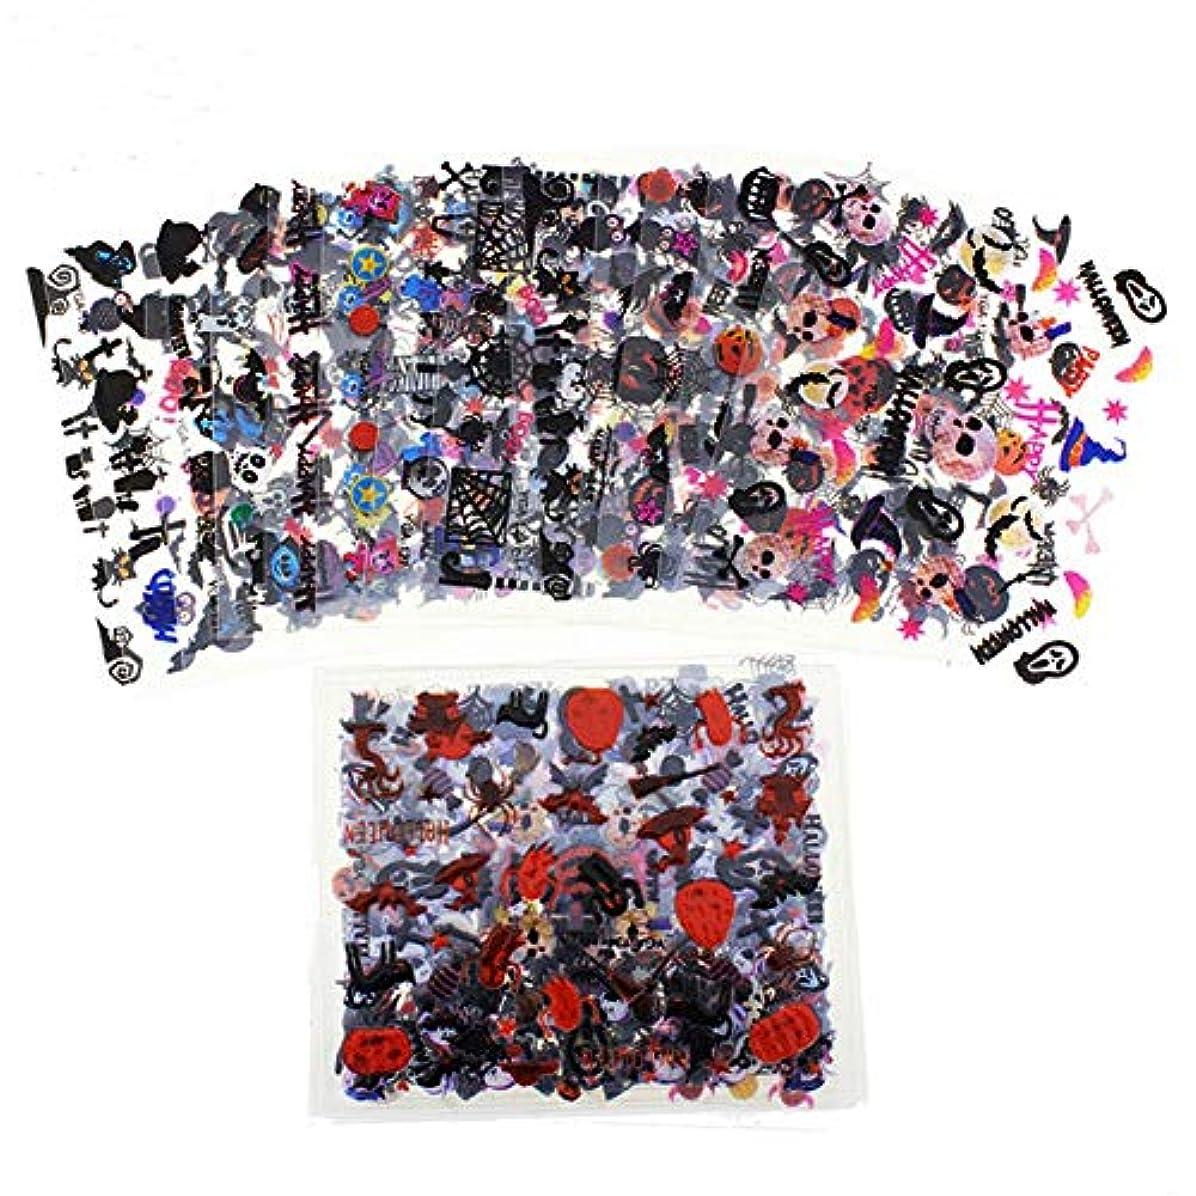 シンクつかの間神学校EVA-JP ネイルシール ハロウィーン ネイルステッカー ネイル用装飾 24枚セット 可愛いネイル飾り 貼るだけマニキュア ネイル用装飾 女性 女の子 子供用